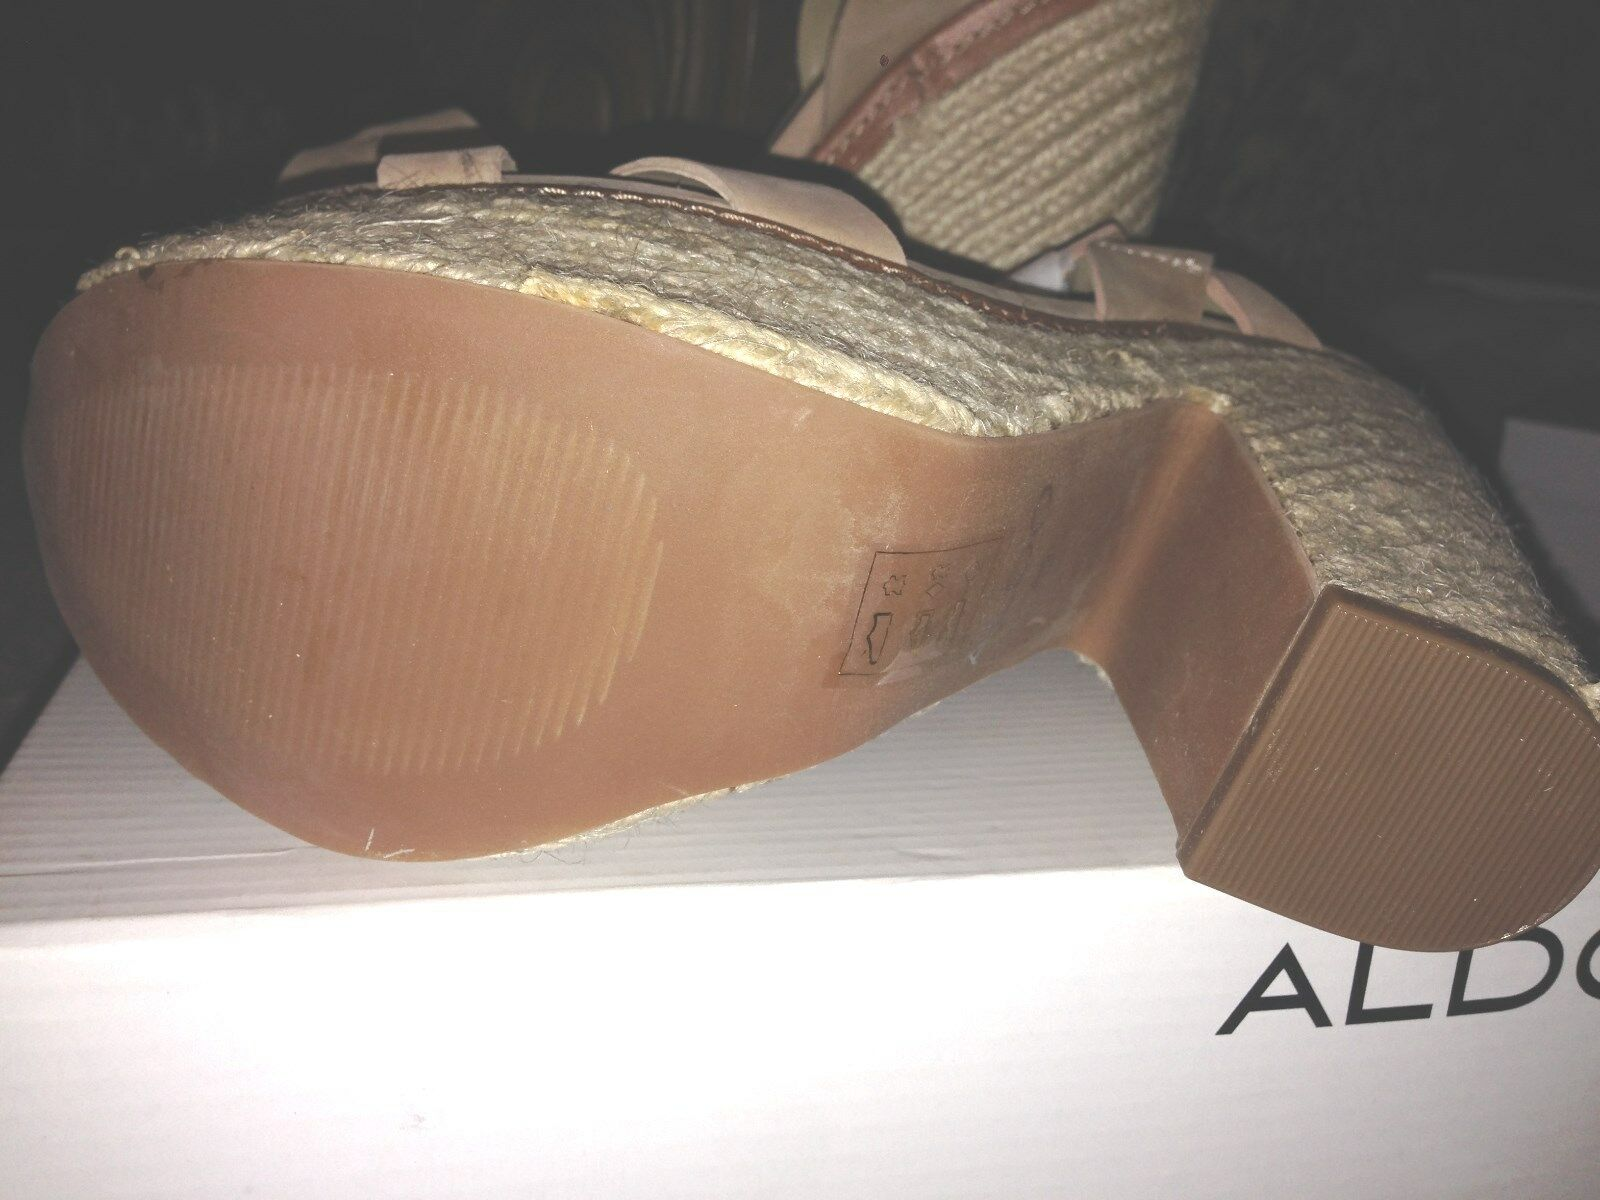 Nuevo Nuevo Nuevo En Caja Aldo Cuero SANDALIA TACONES 9 nos 40 a53ae3